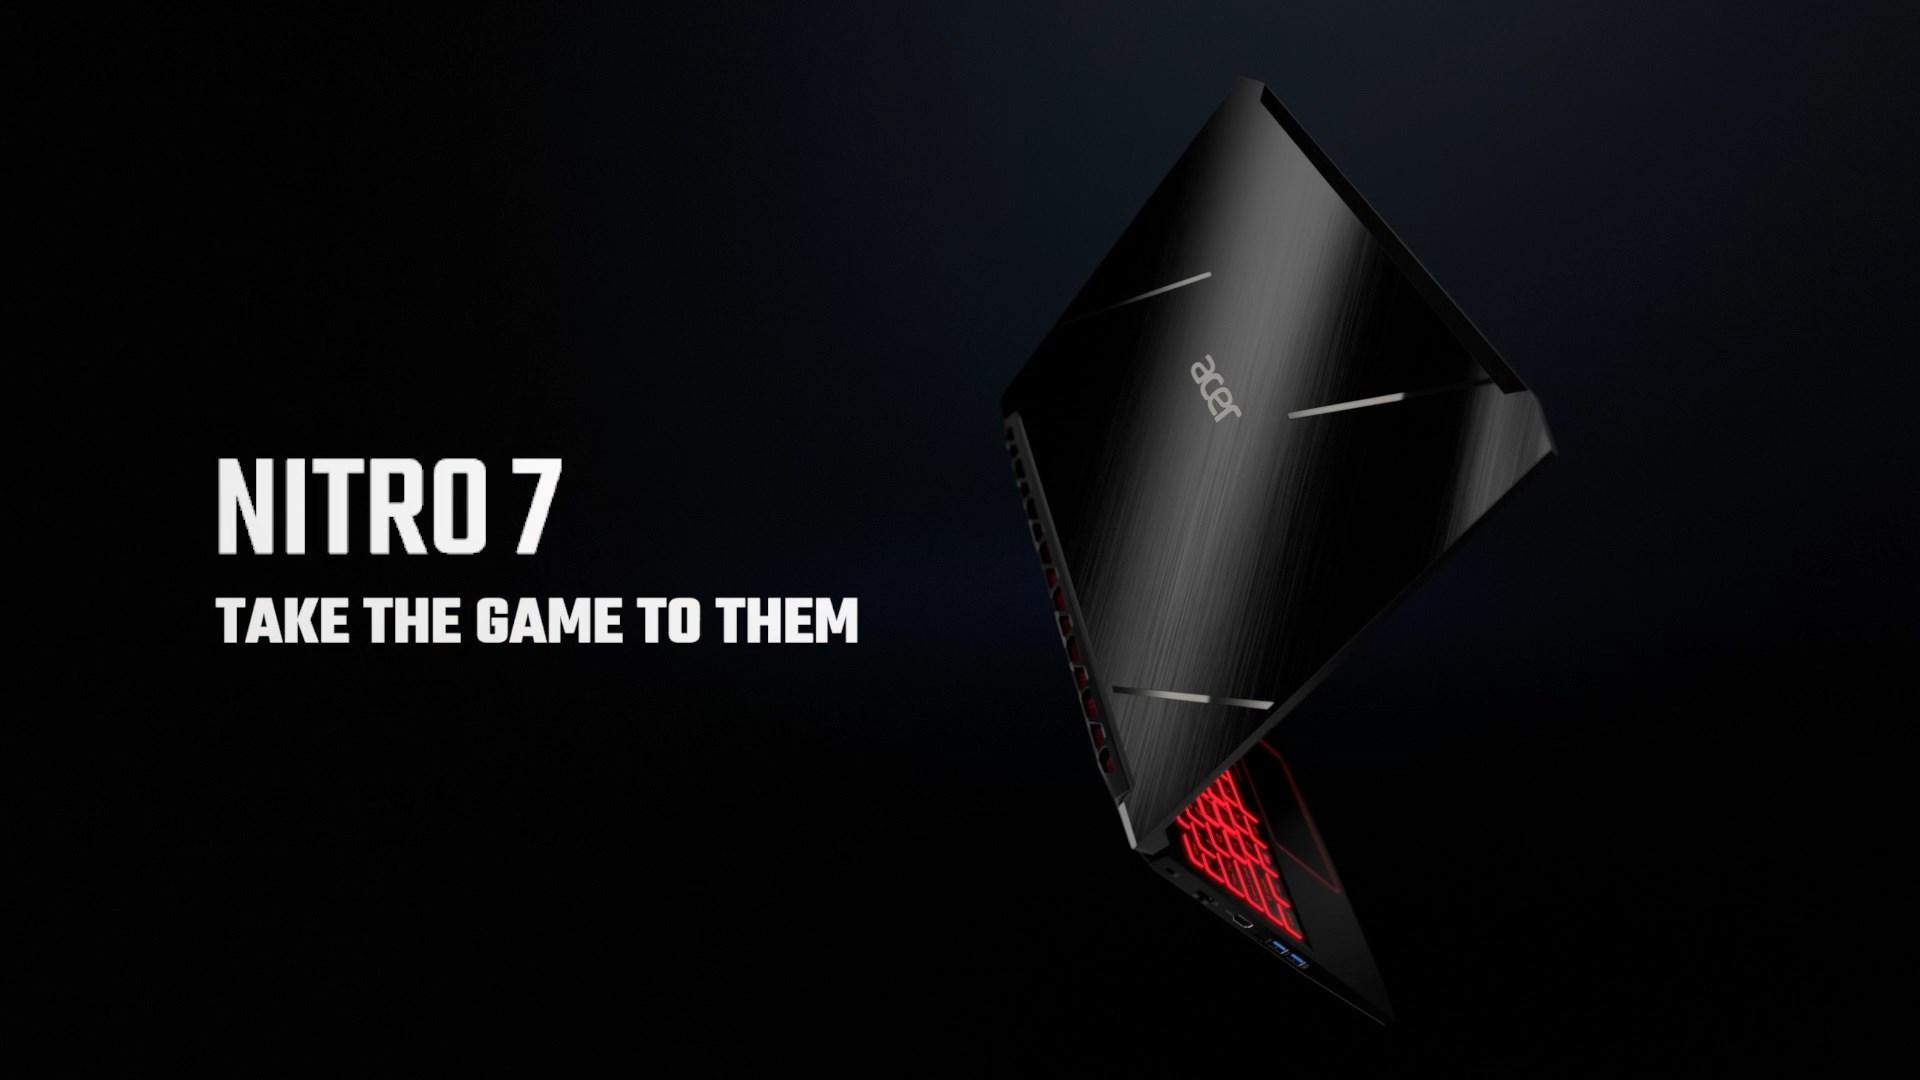 Nitro 7 Laptops Acer United States